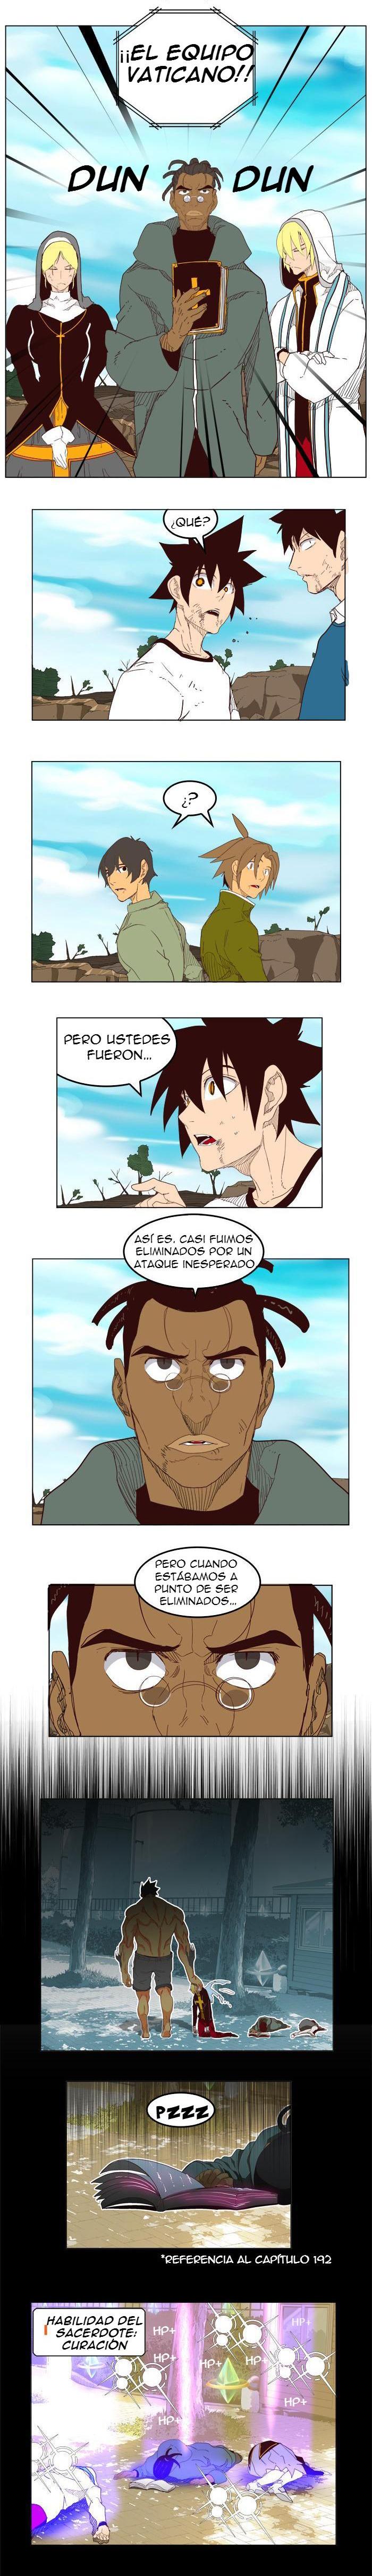 http://c5.ninemanga.com/es_manga/37/485/436625/ced4fb1590cc9ce002430ea32a907dbc.jpg Page 4